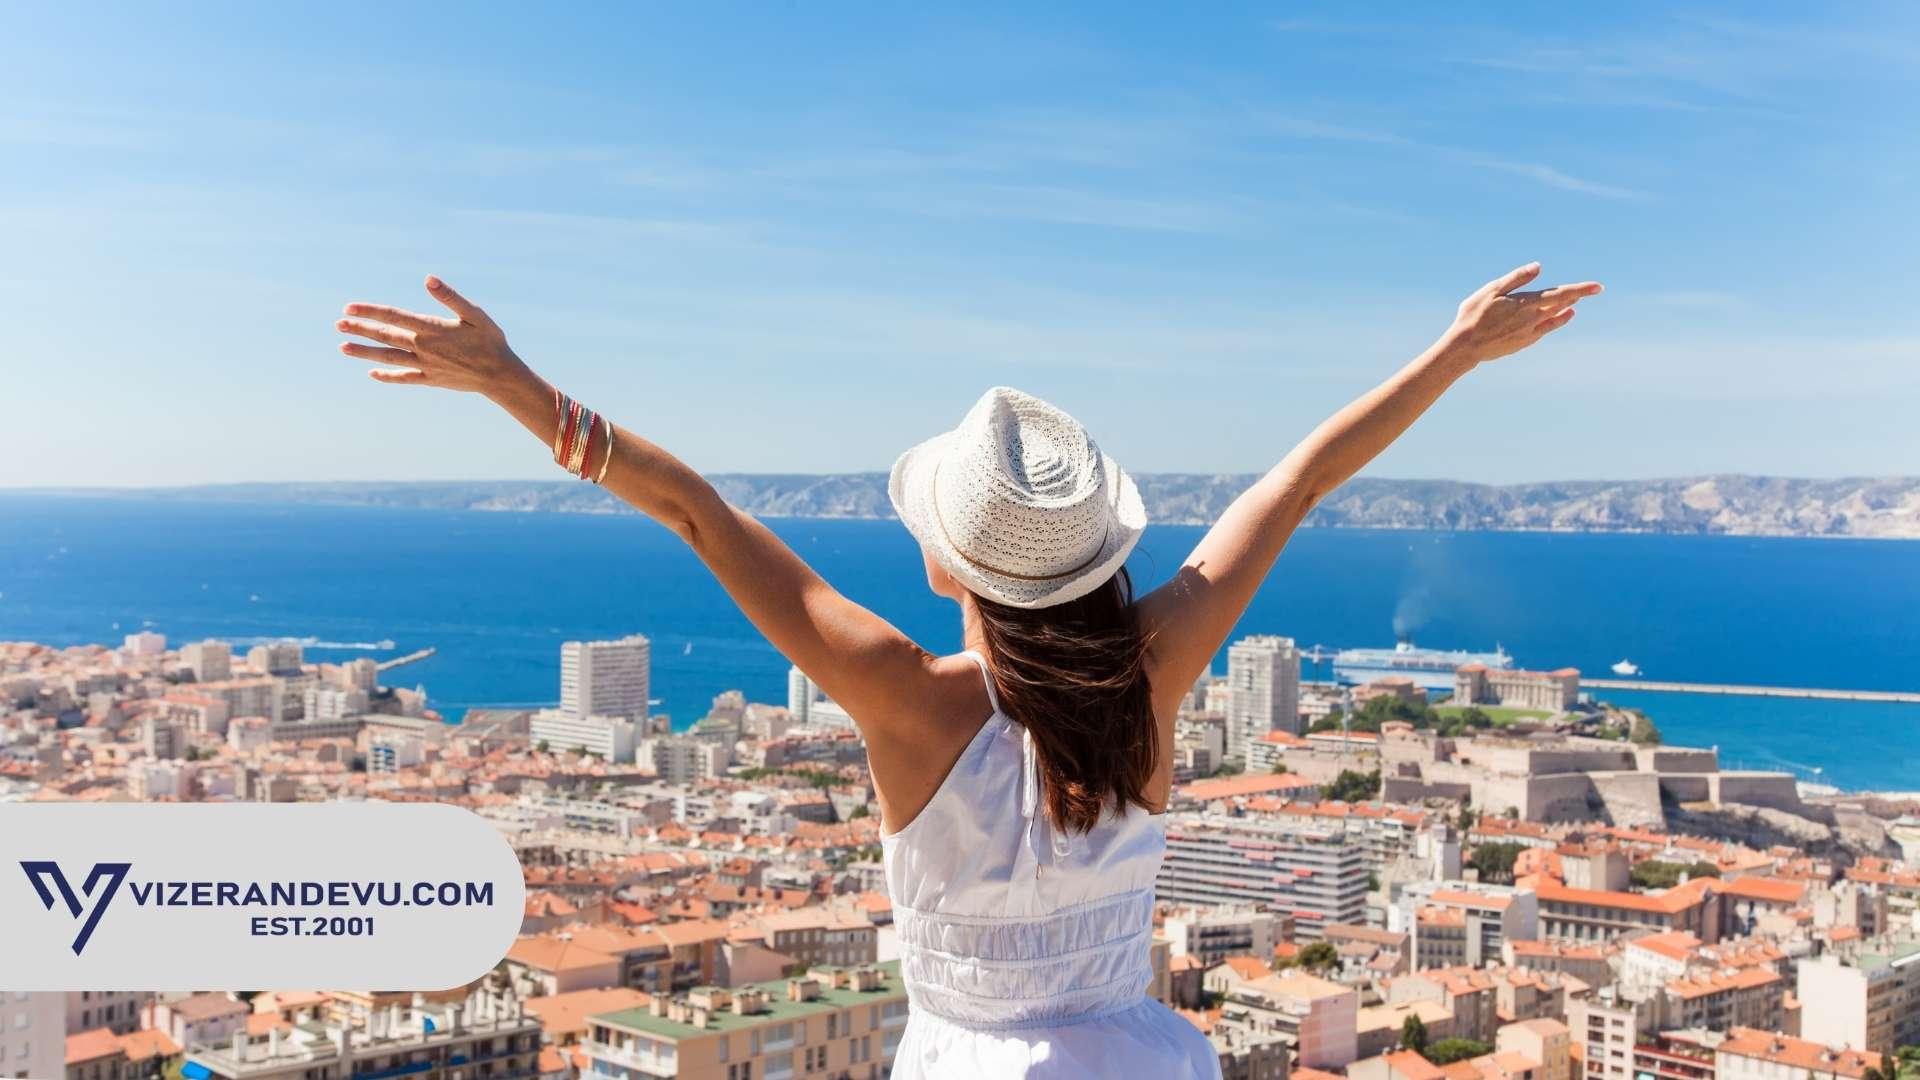 Fransa'dan Aldığınız Vize İle Gidebileceğiniz Ülkeler